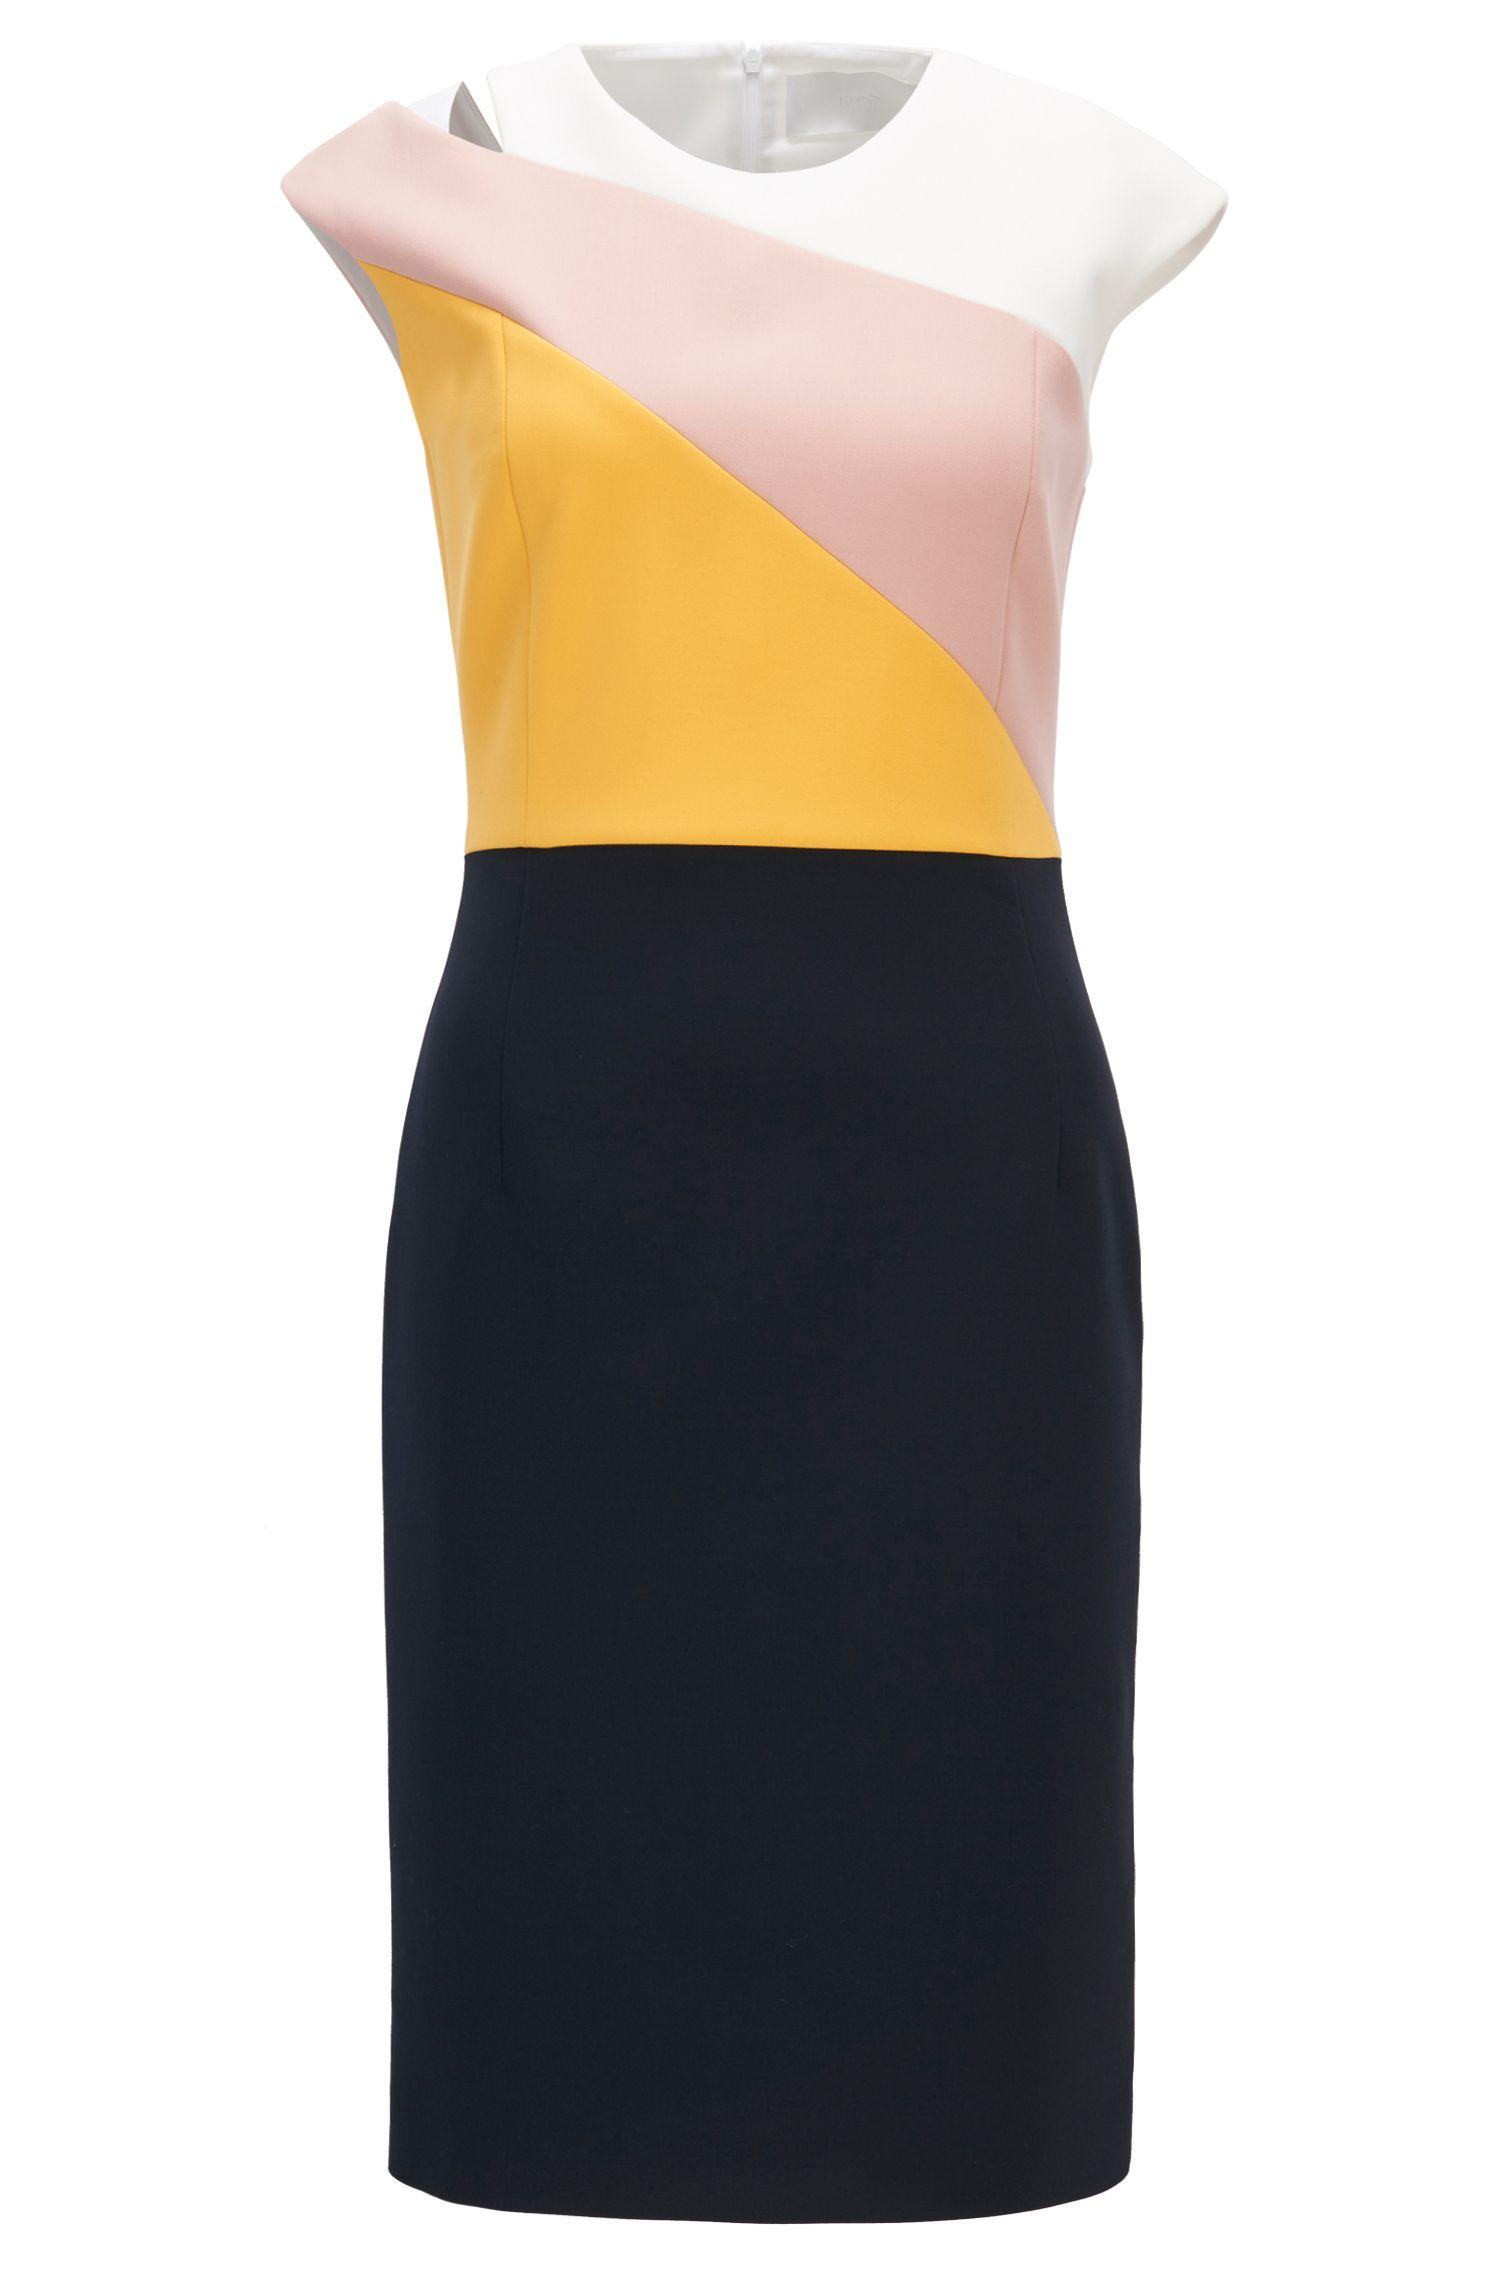 Cut-Out Colorblocked Dress | Danouk